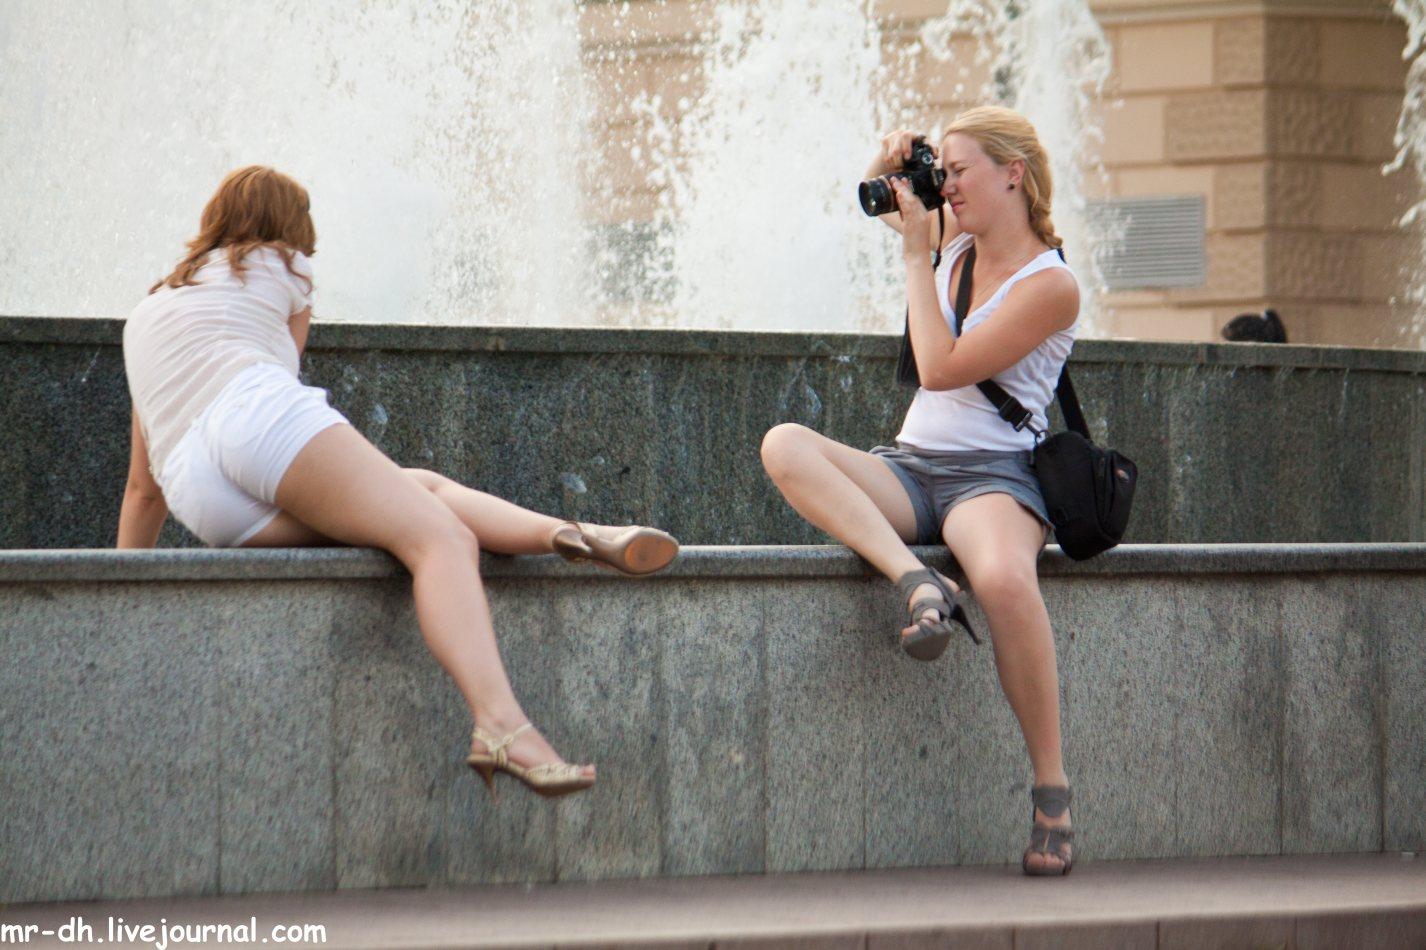 Смотреть снимают девчонок за деньги 7 фотография